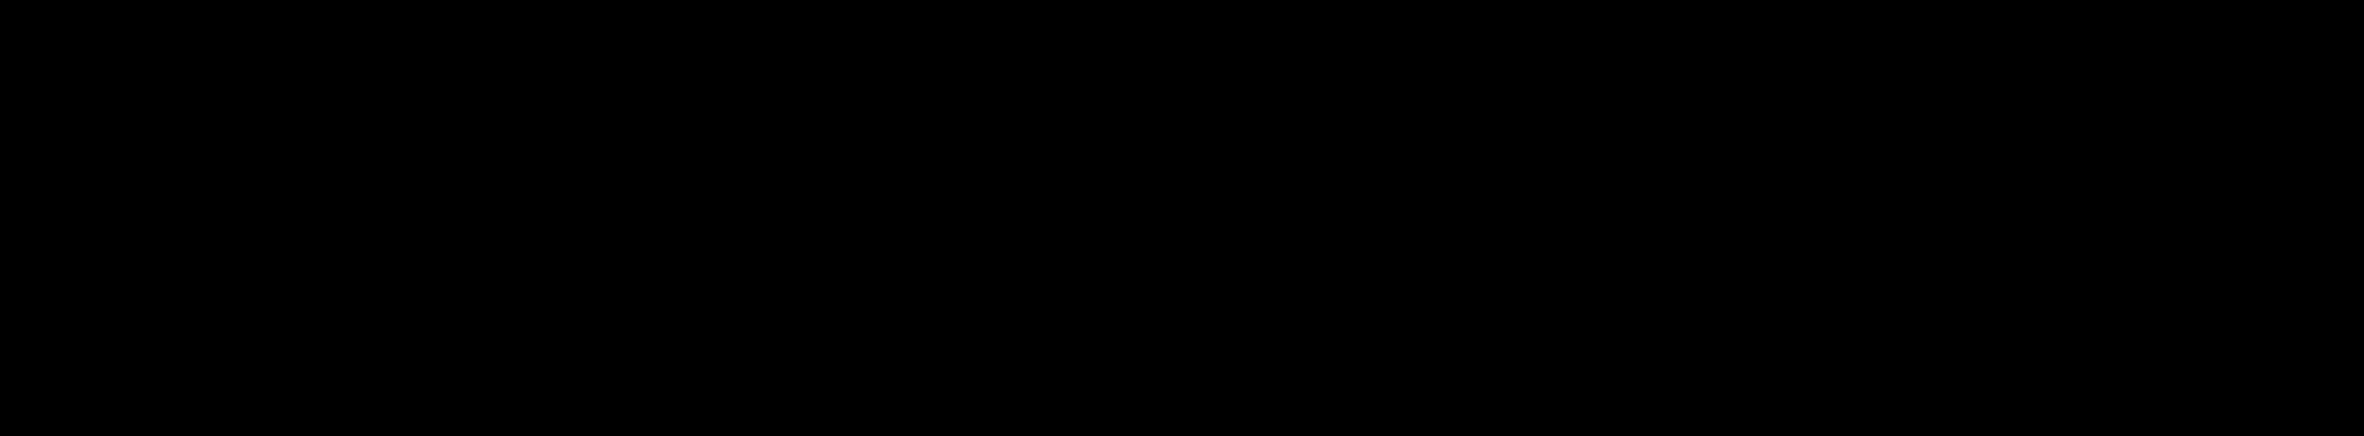 MarcusThomas logo